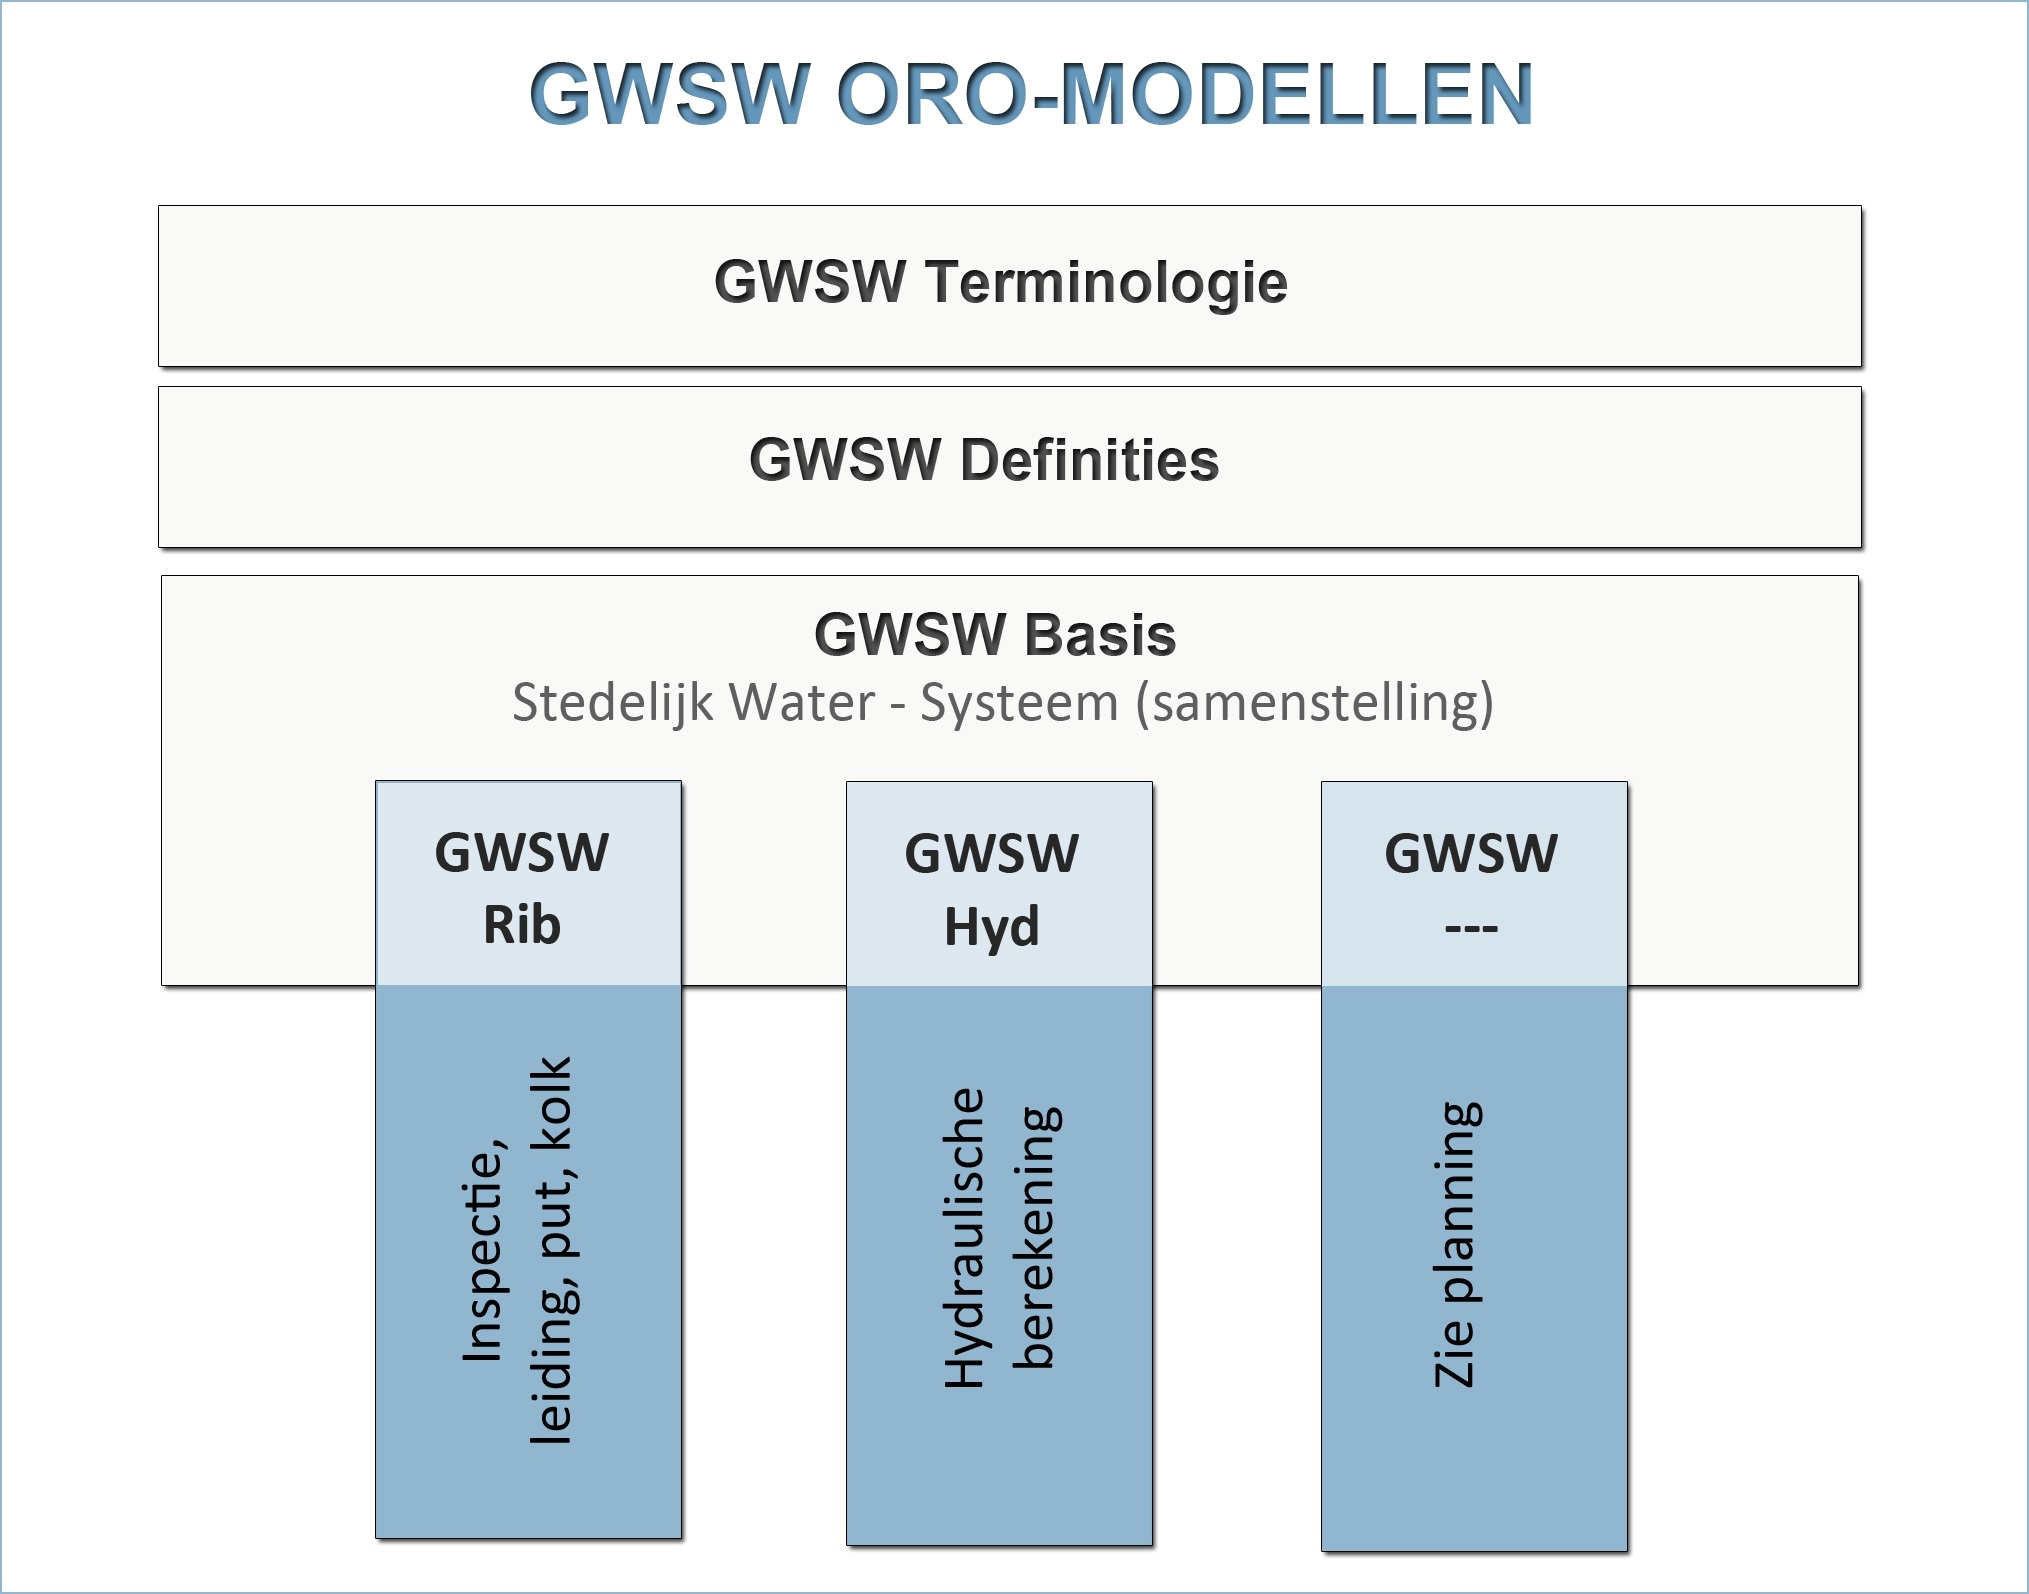 plaatje GWSW 2